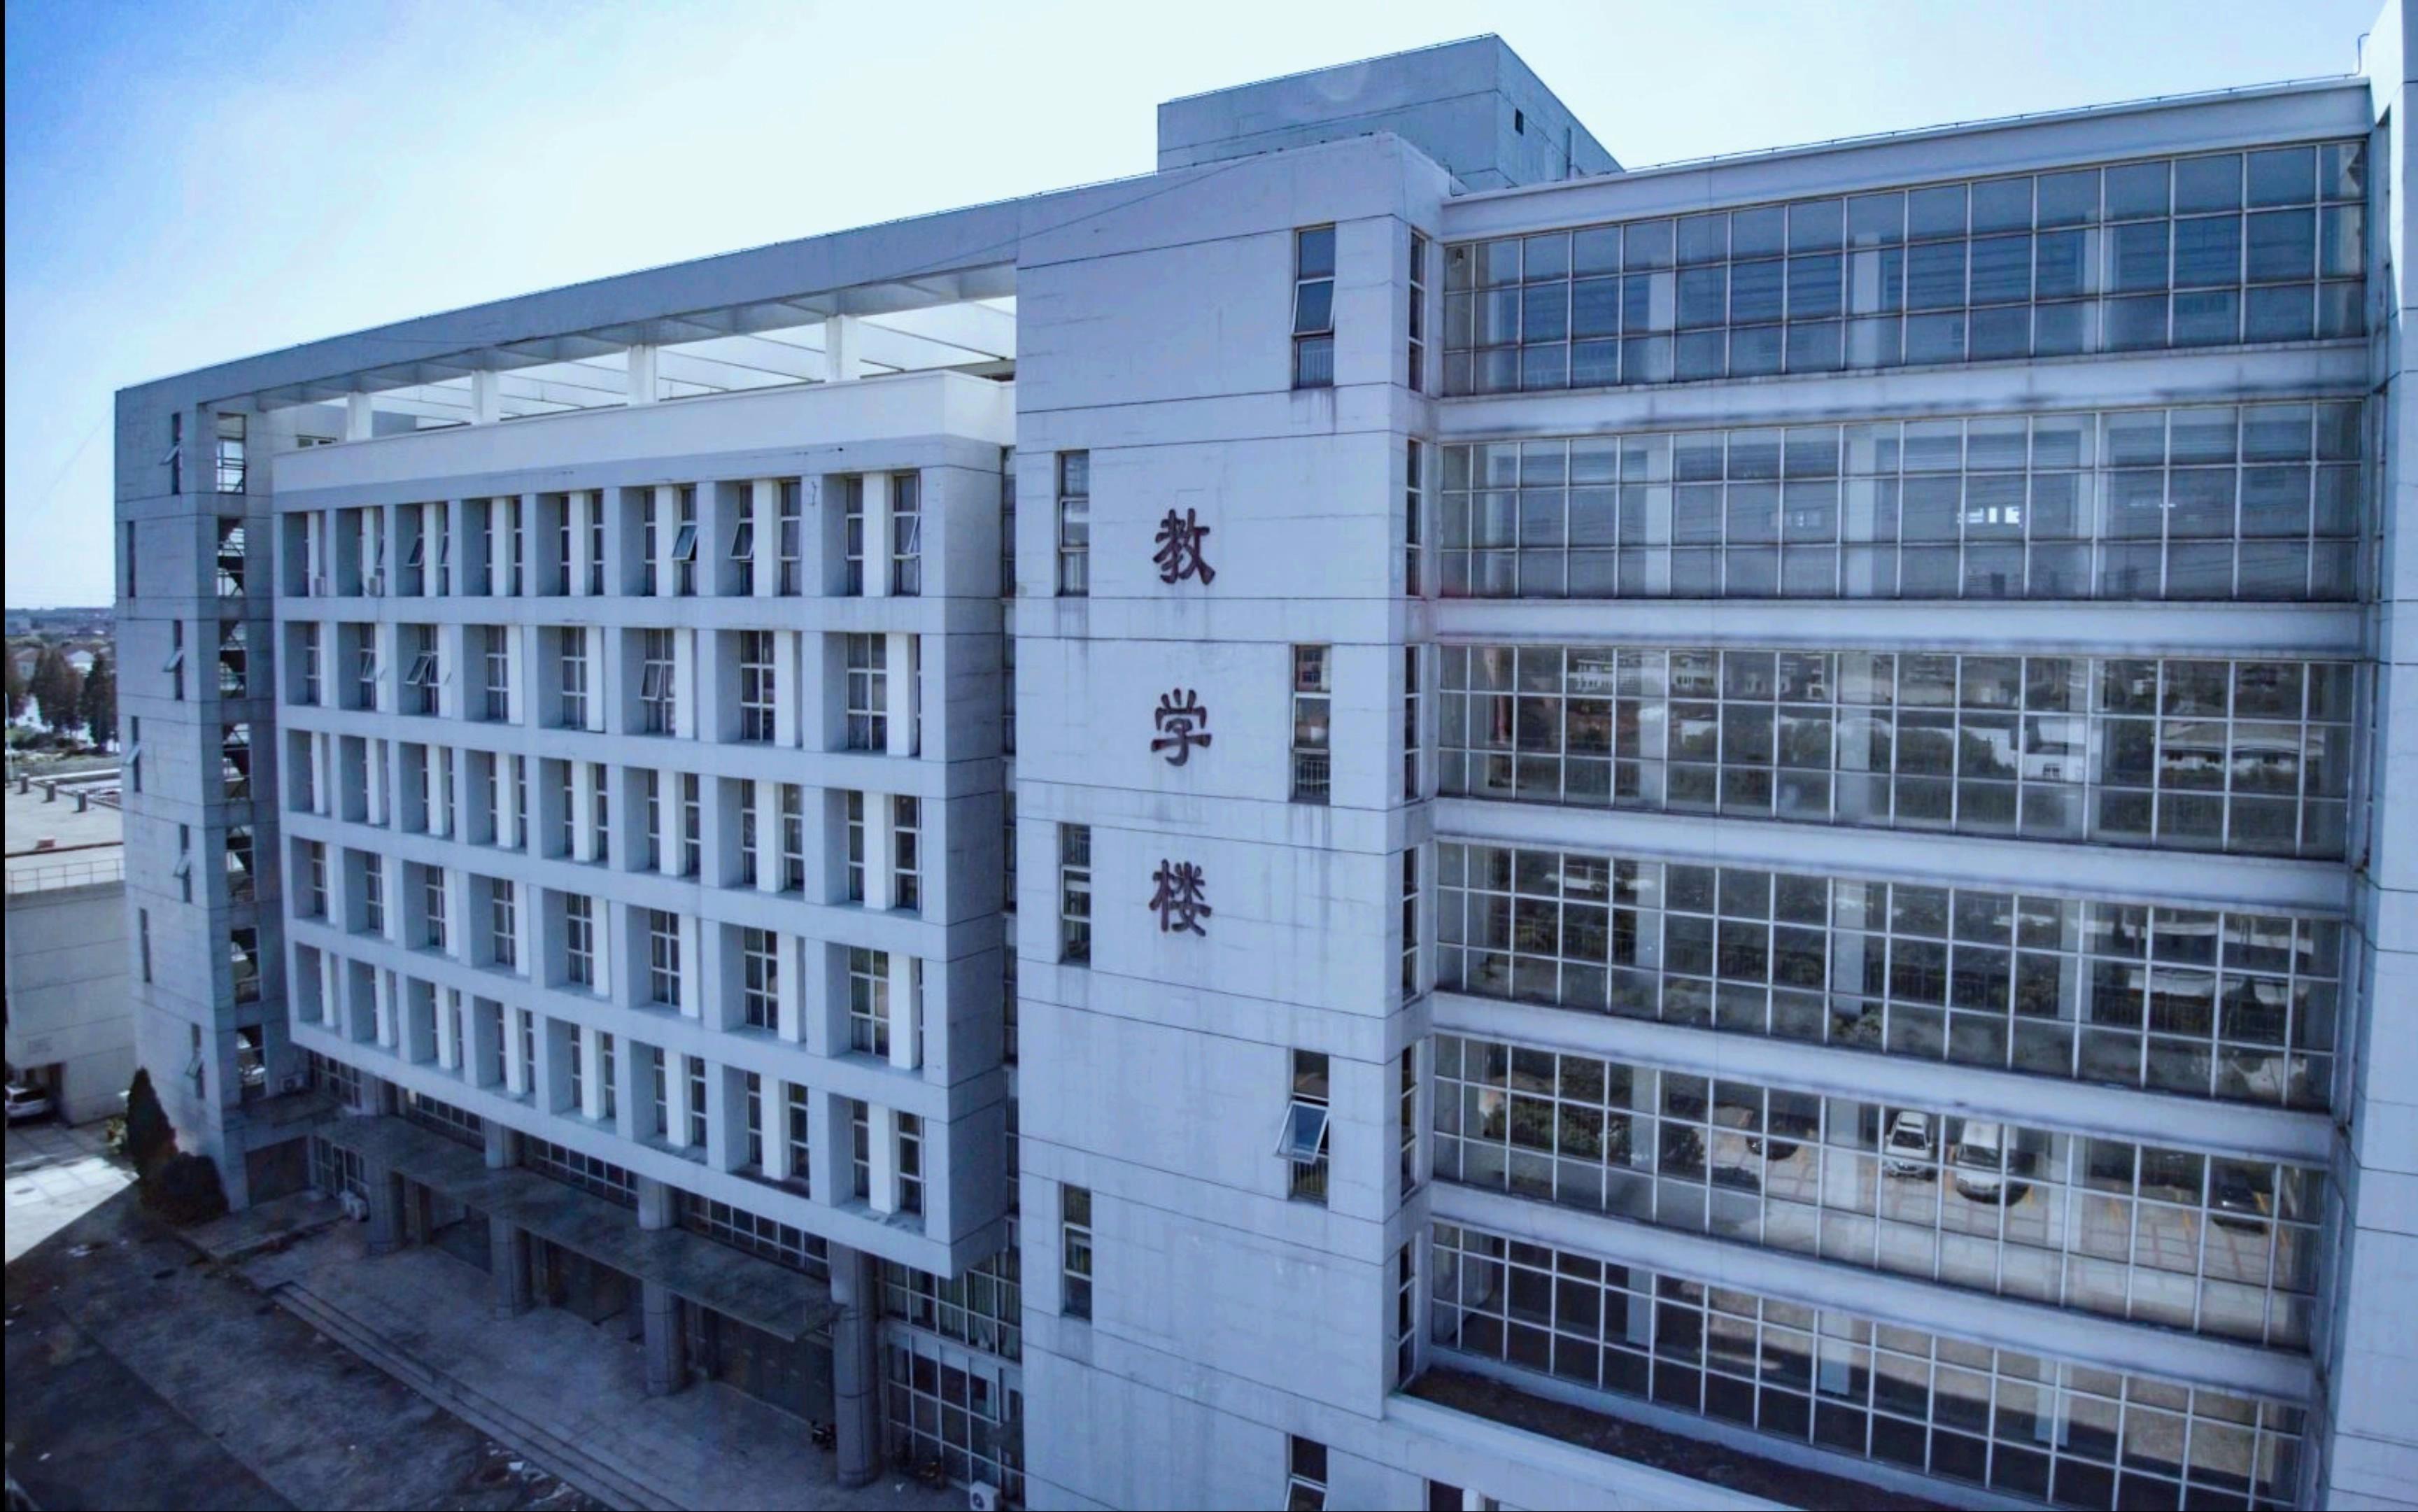 【航拍】上海民远职业技术学院 上实剑桥浦东校区 2017年8月